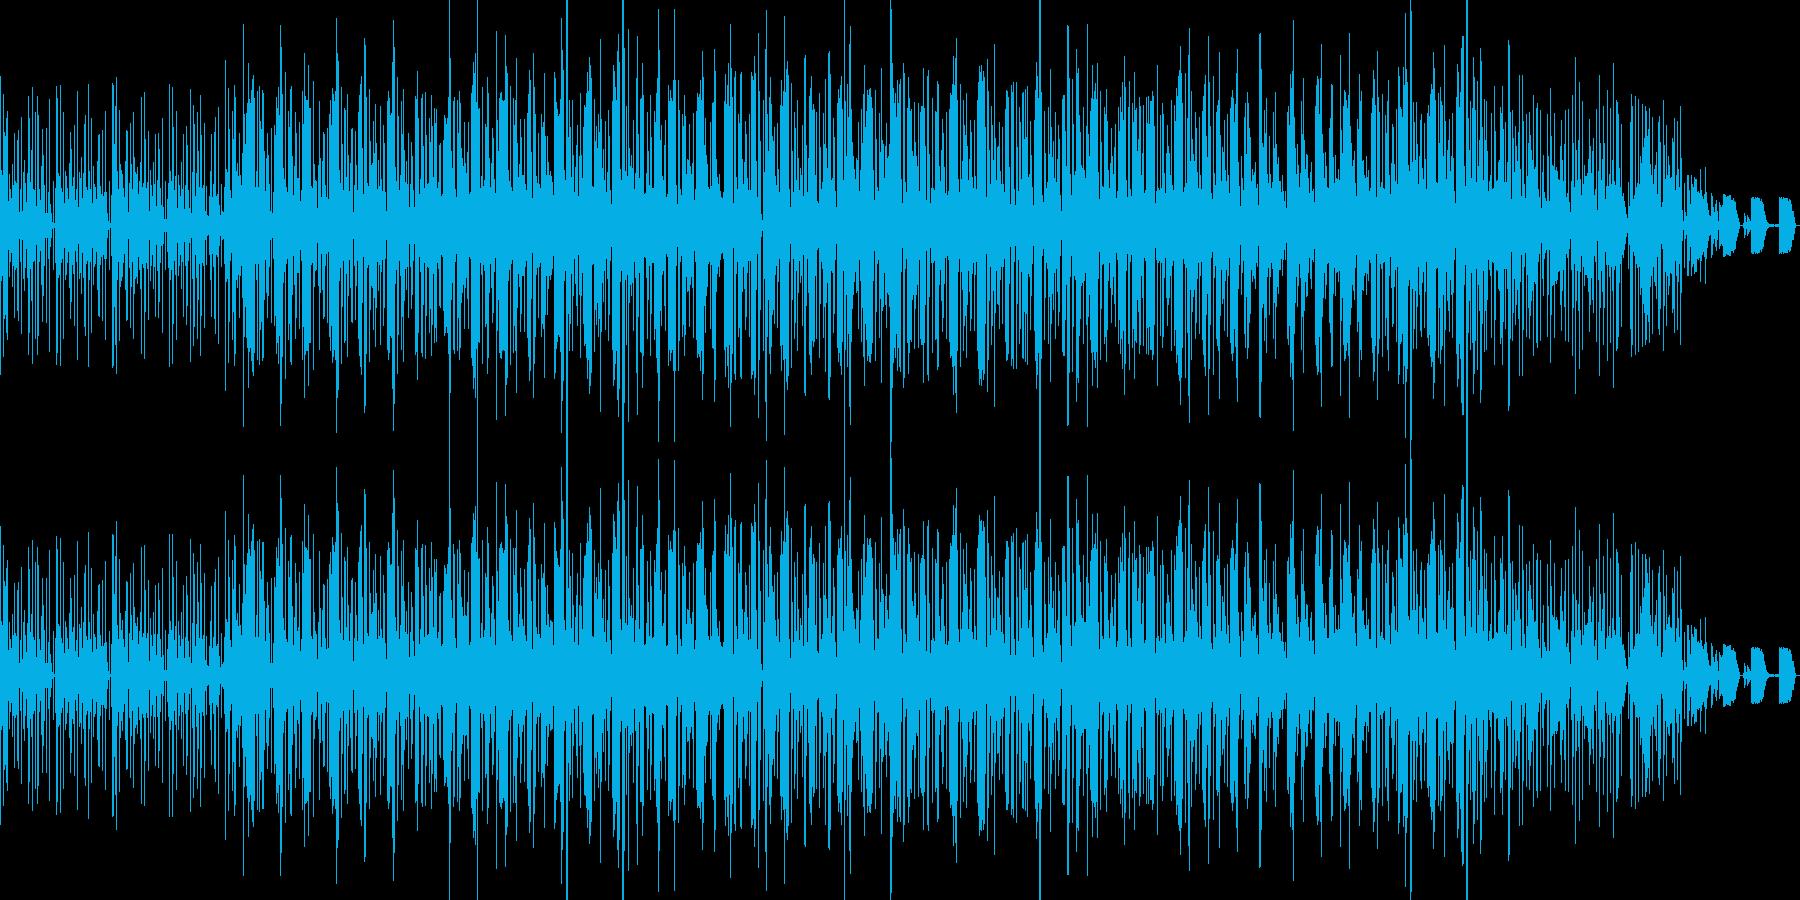 ピアノが入ったループブレイクビーツの再生済みの波形